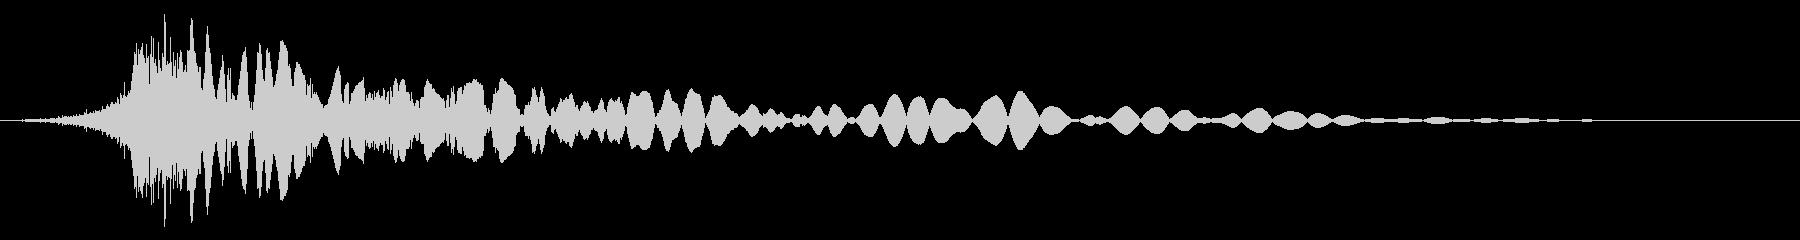 ブンッ(パンチの音)の未再生の波形